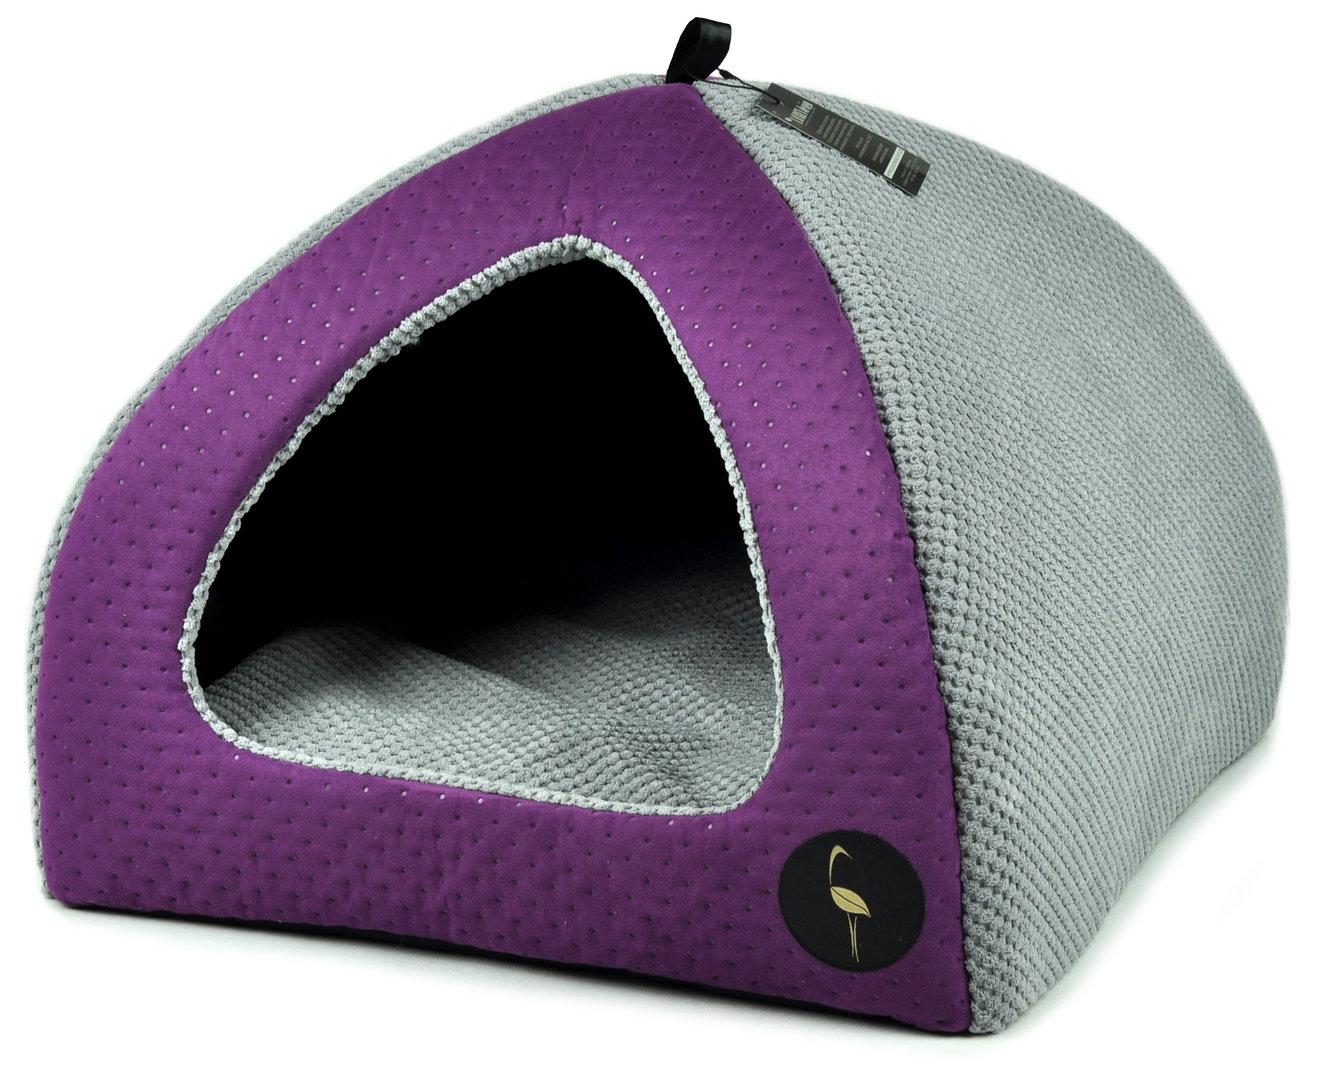 Haus BELLA violett gesteppt / grau, 2 Größen